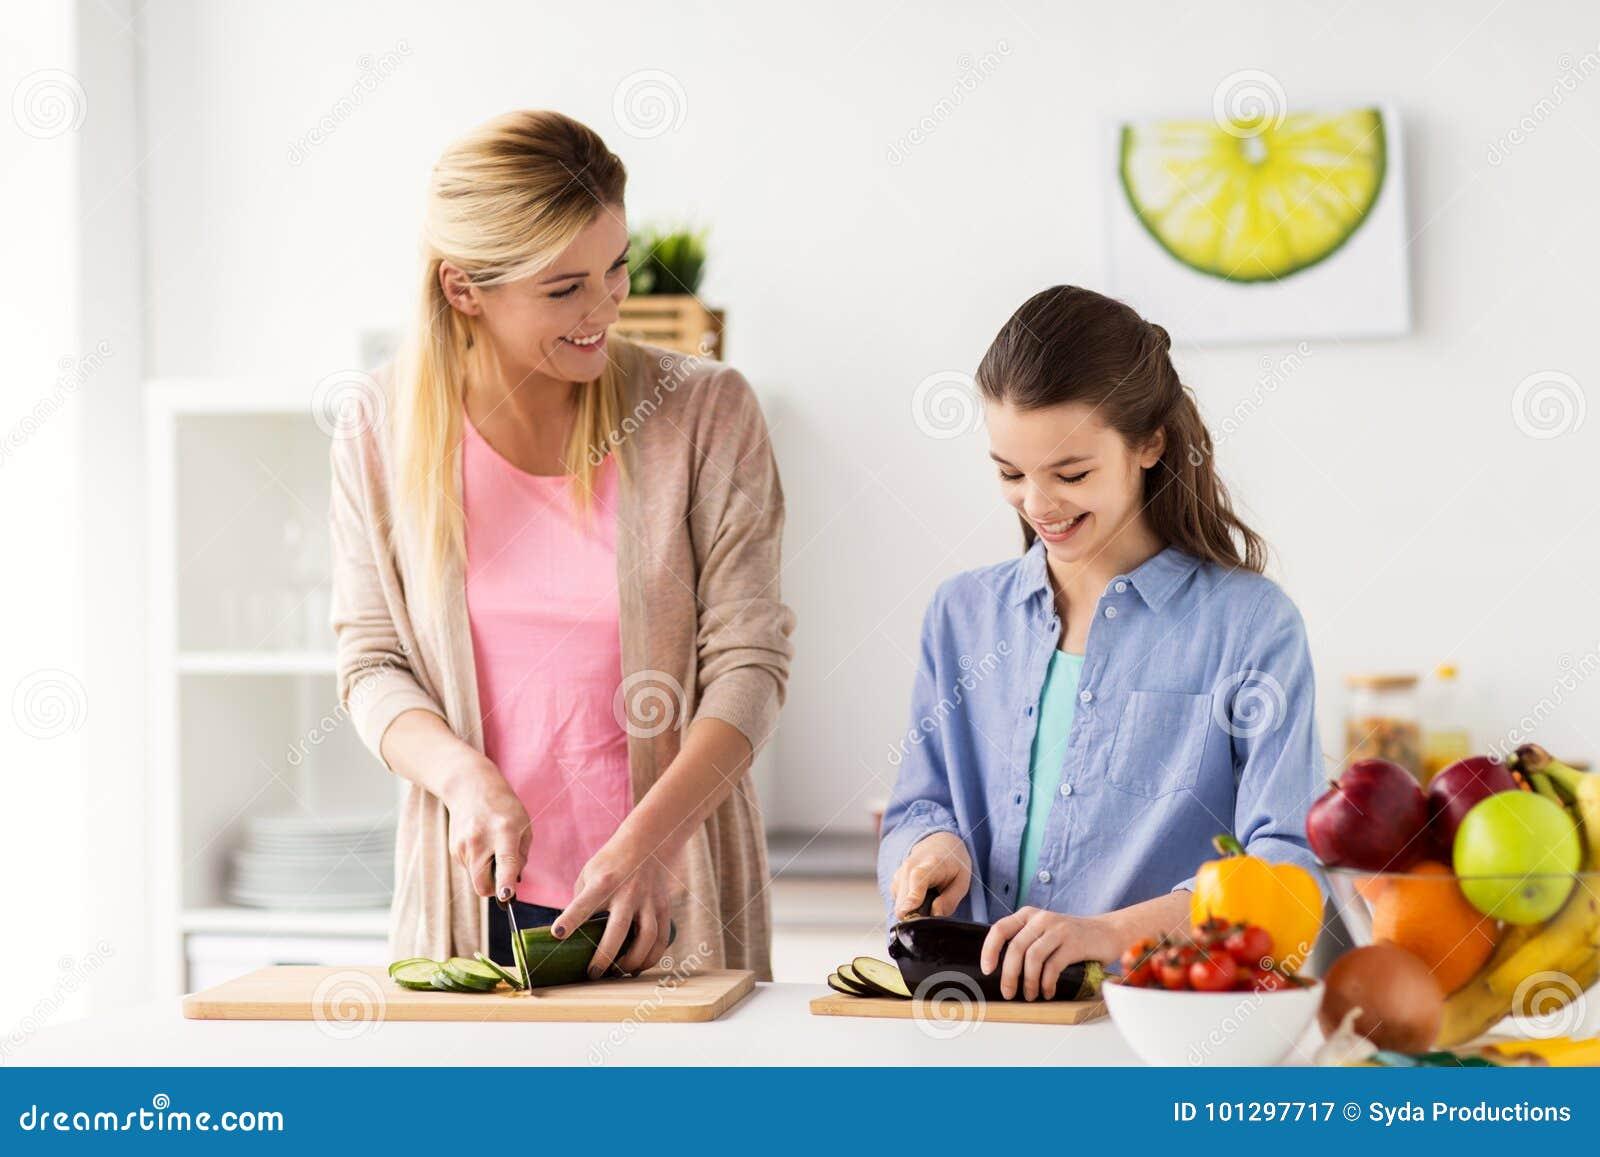 La Cocina De La Familia | Familia Feliz Que Cocina La Cocina De La Cena En Casa Imagen De